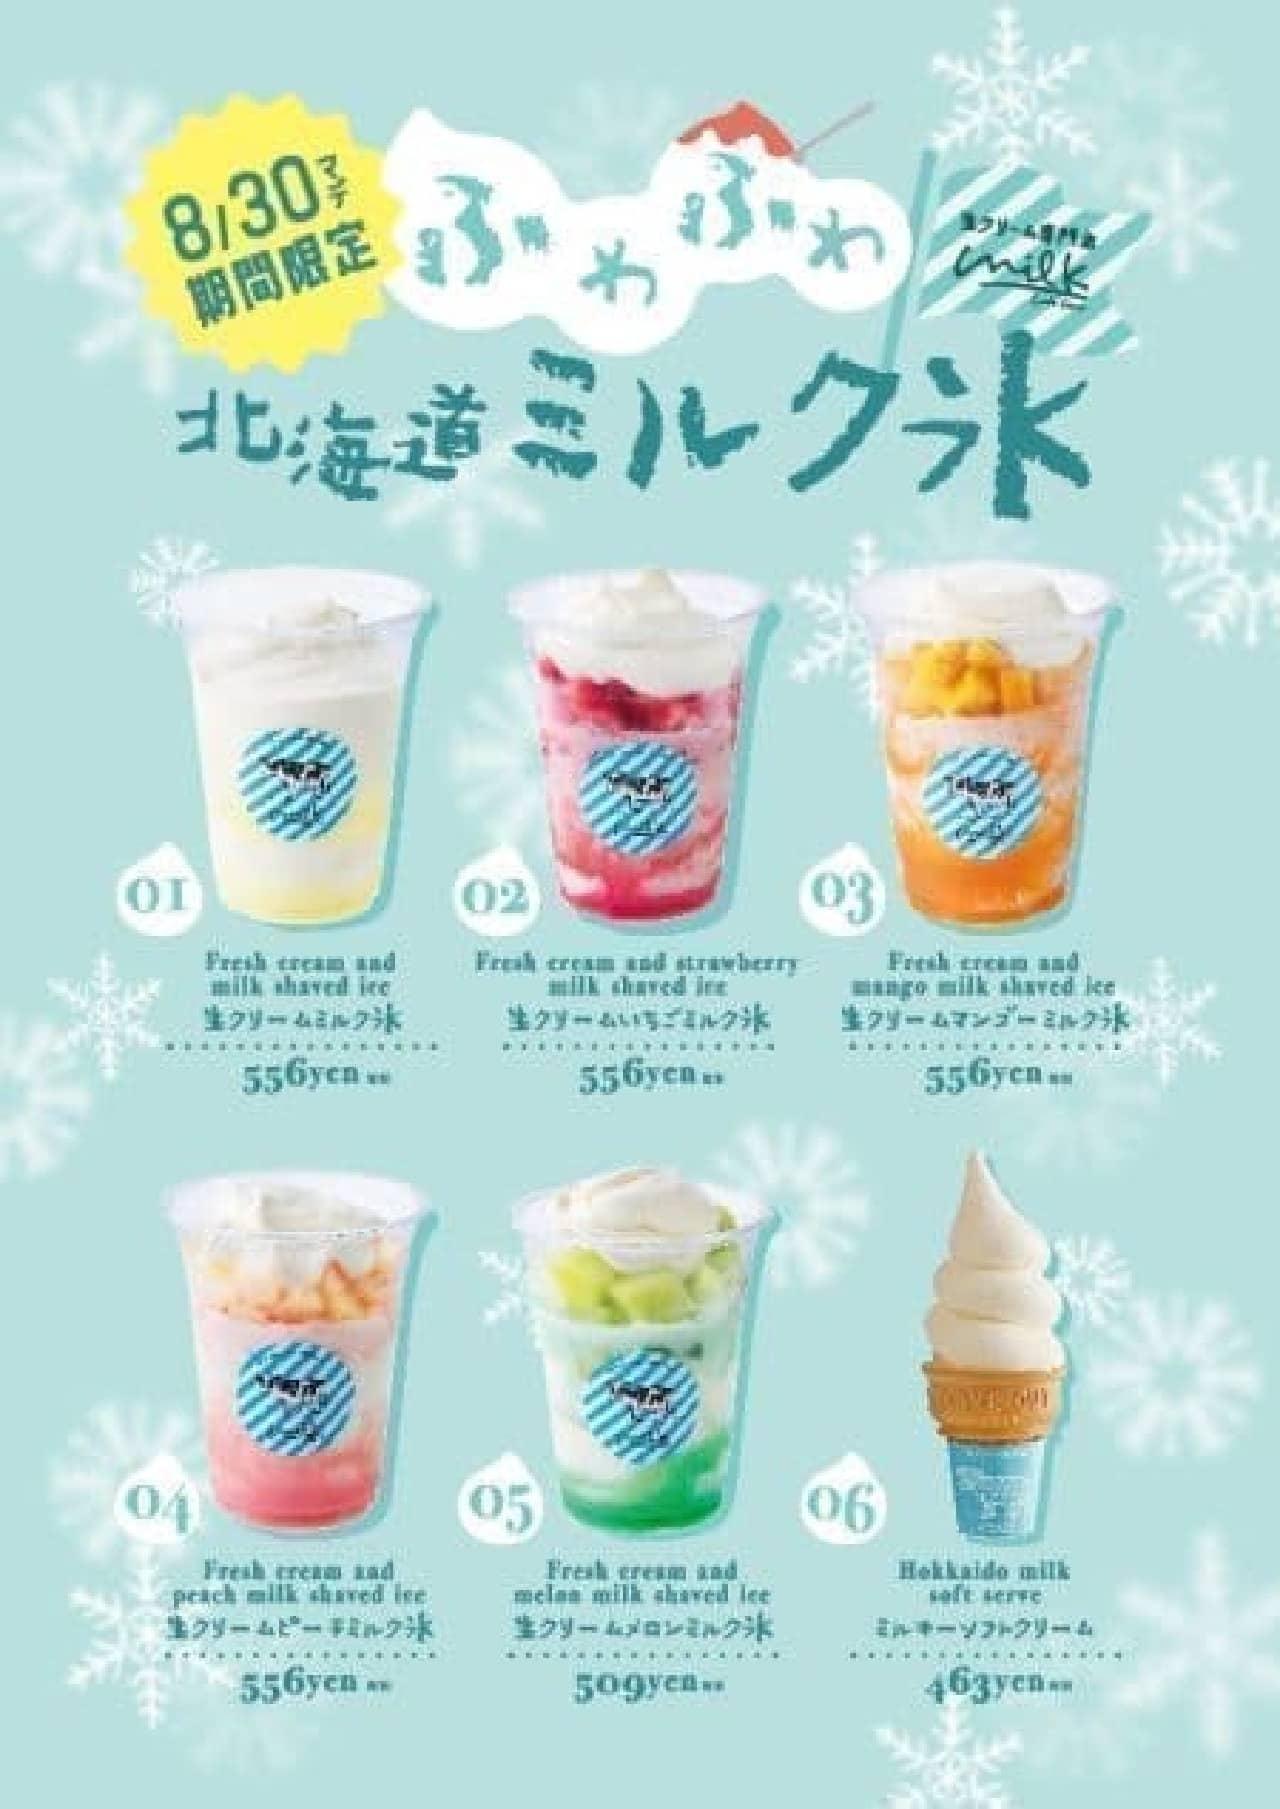 生クリーム専門店「ミルク渋谷店」が夏季限定で「ミルクのかき氷屋さん」に